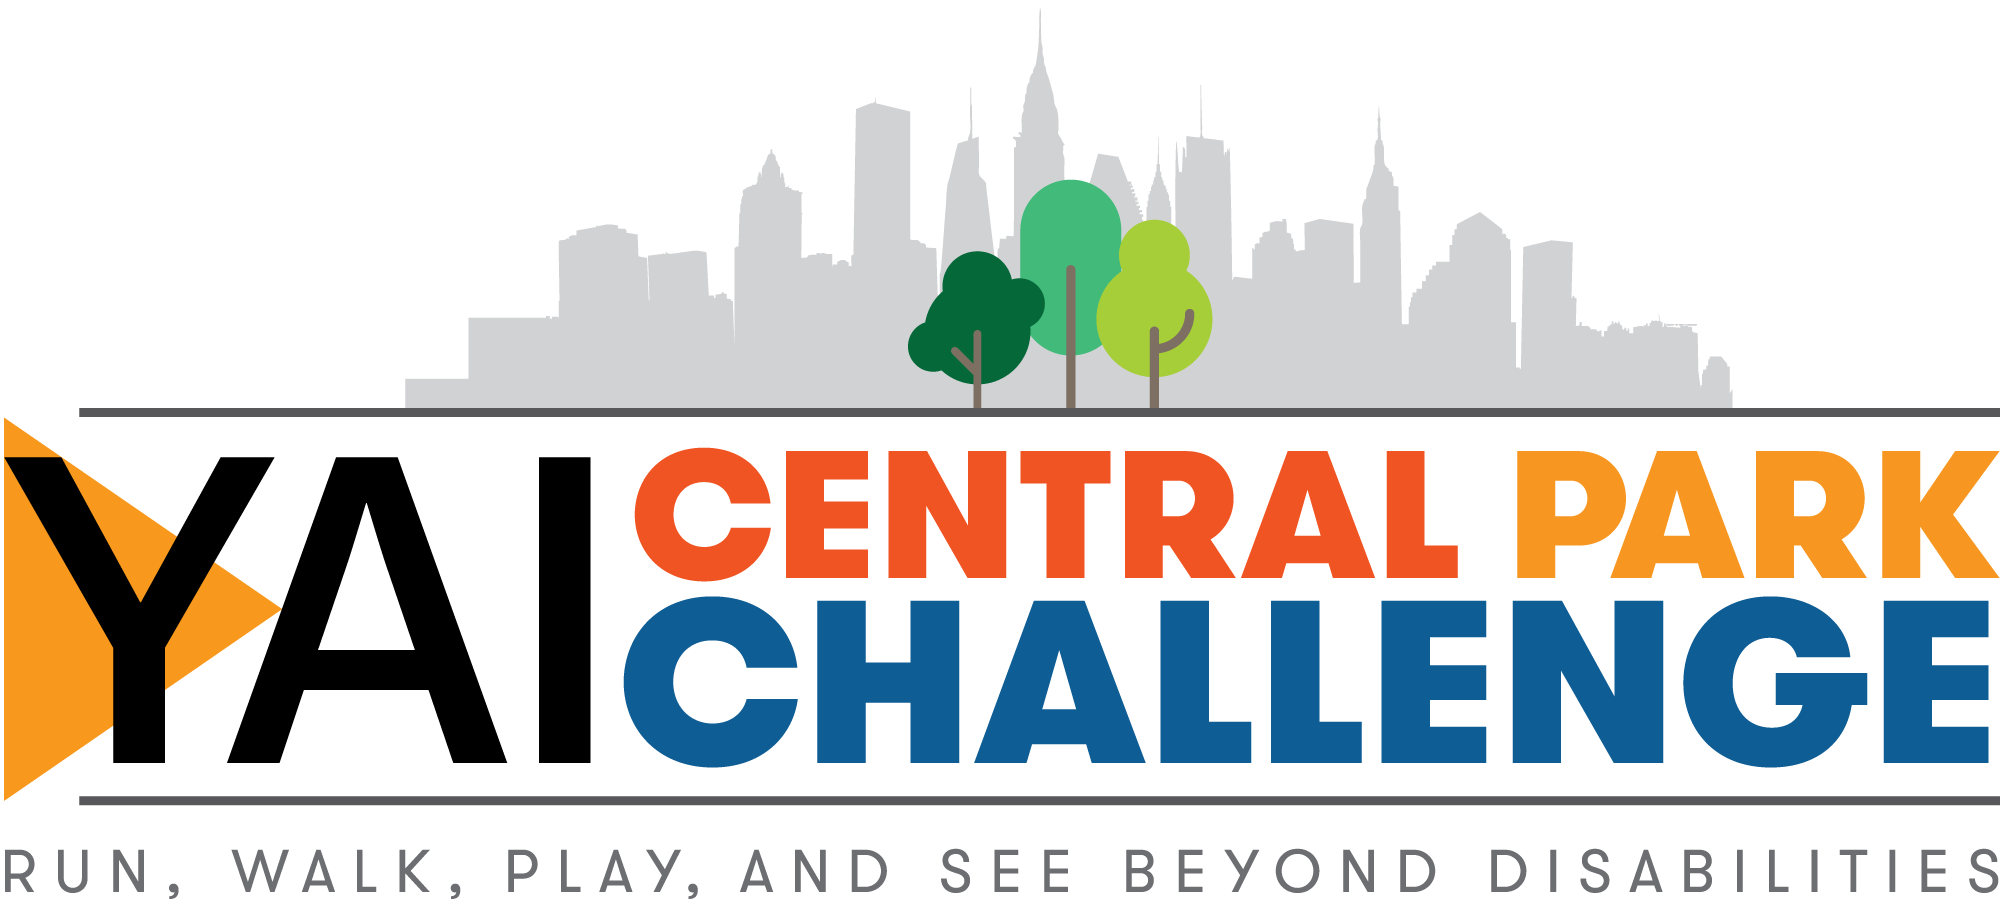 YAI Central Park Challenge